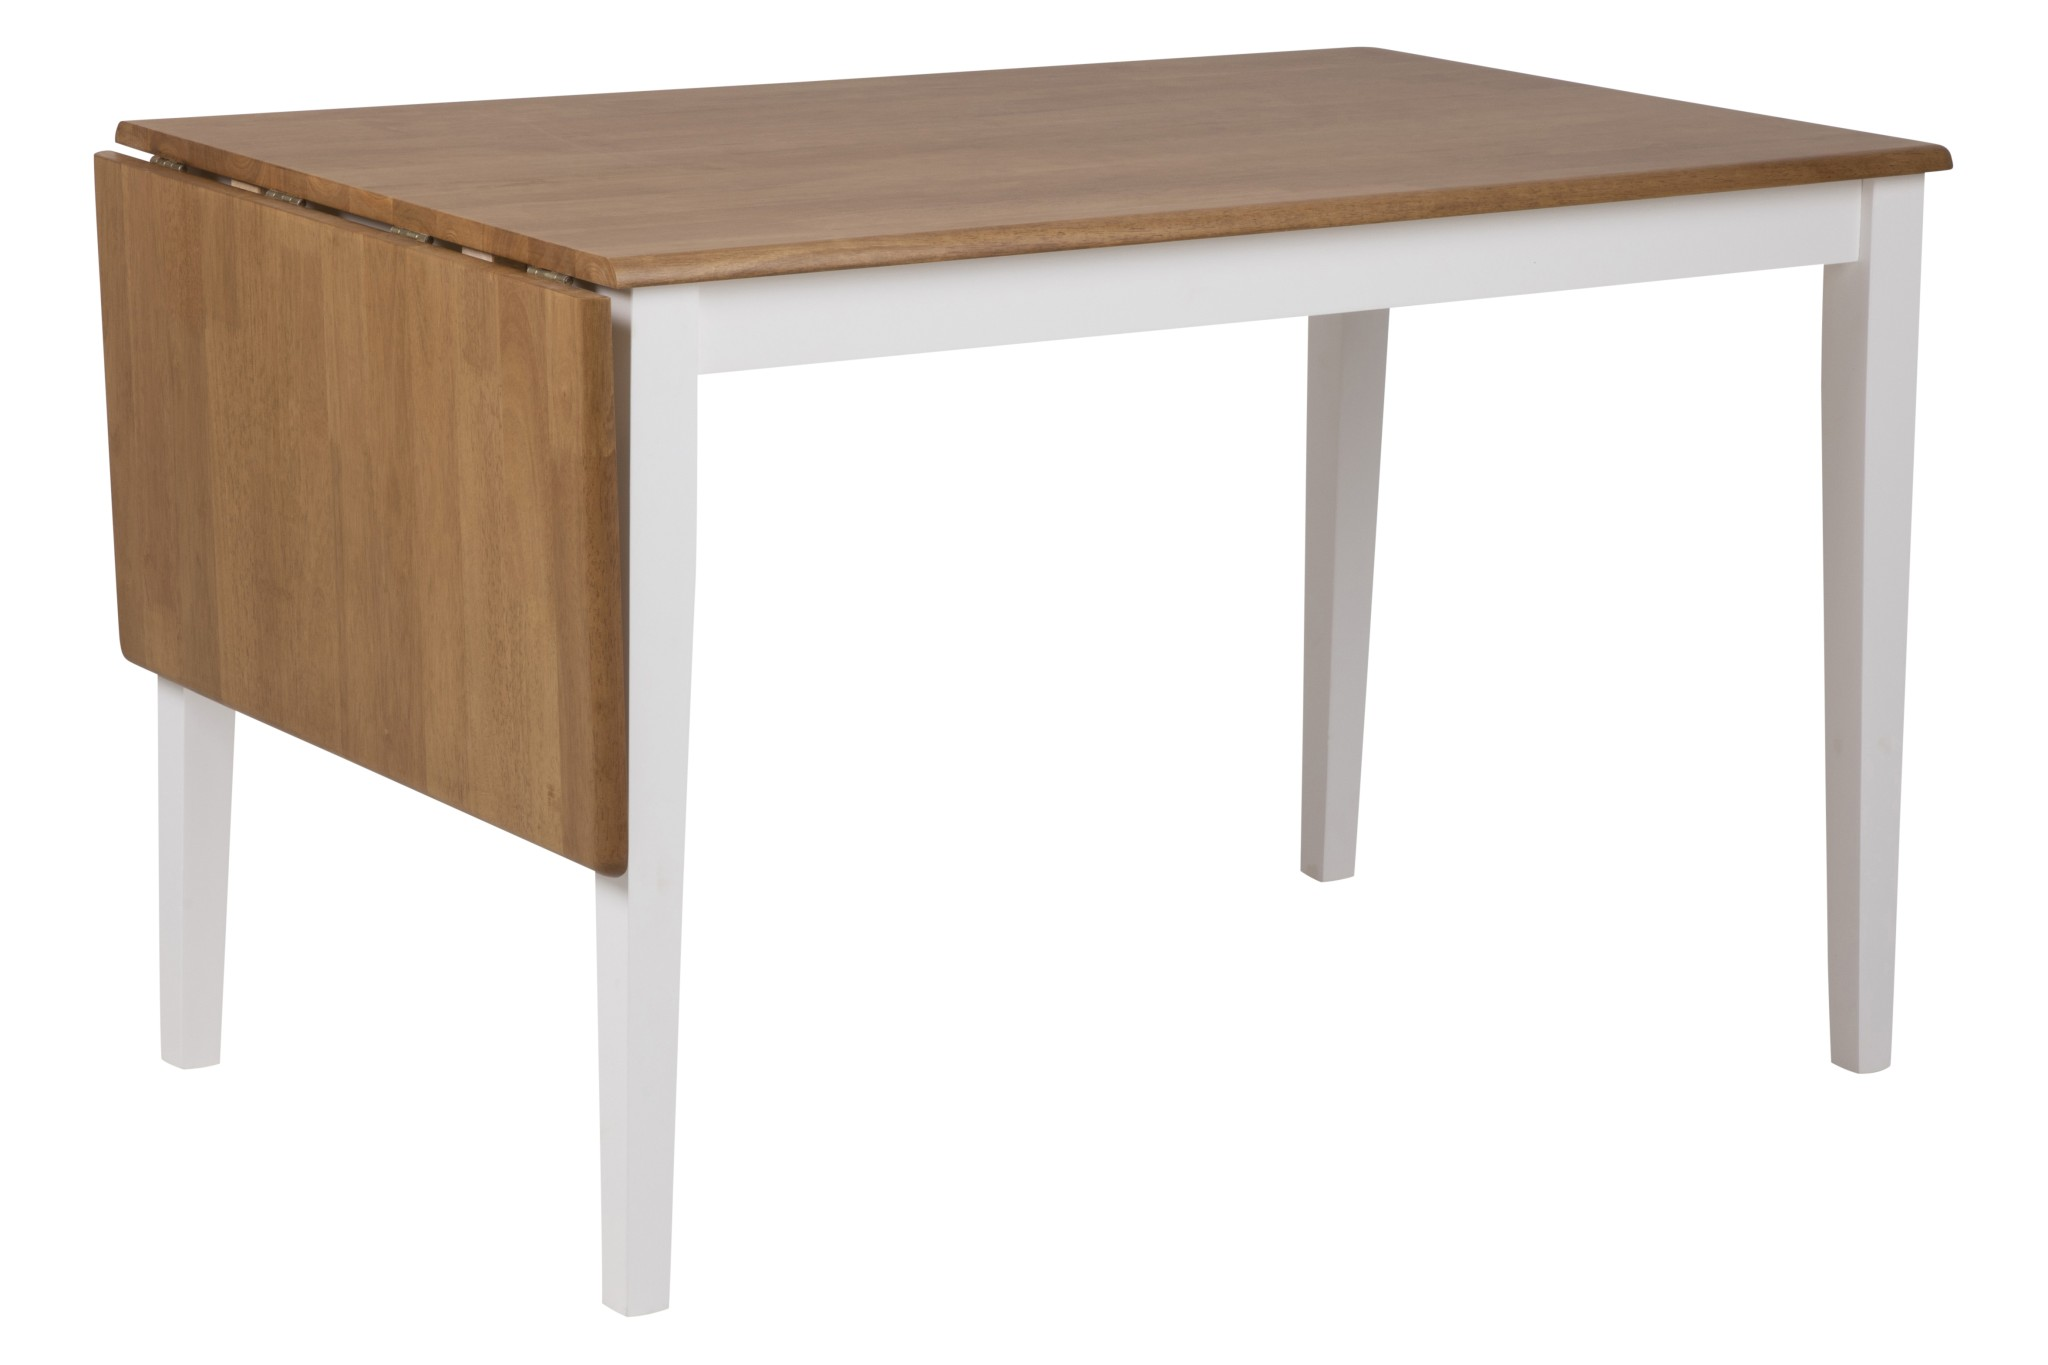 Esstisch Brie 120 160x75 Cm Klapptisch Kuchentisch Wohnzimmer Tisch Massiv Holz